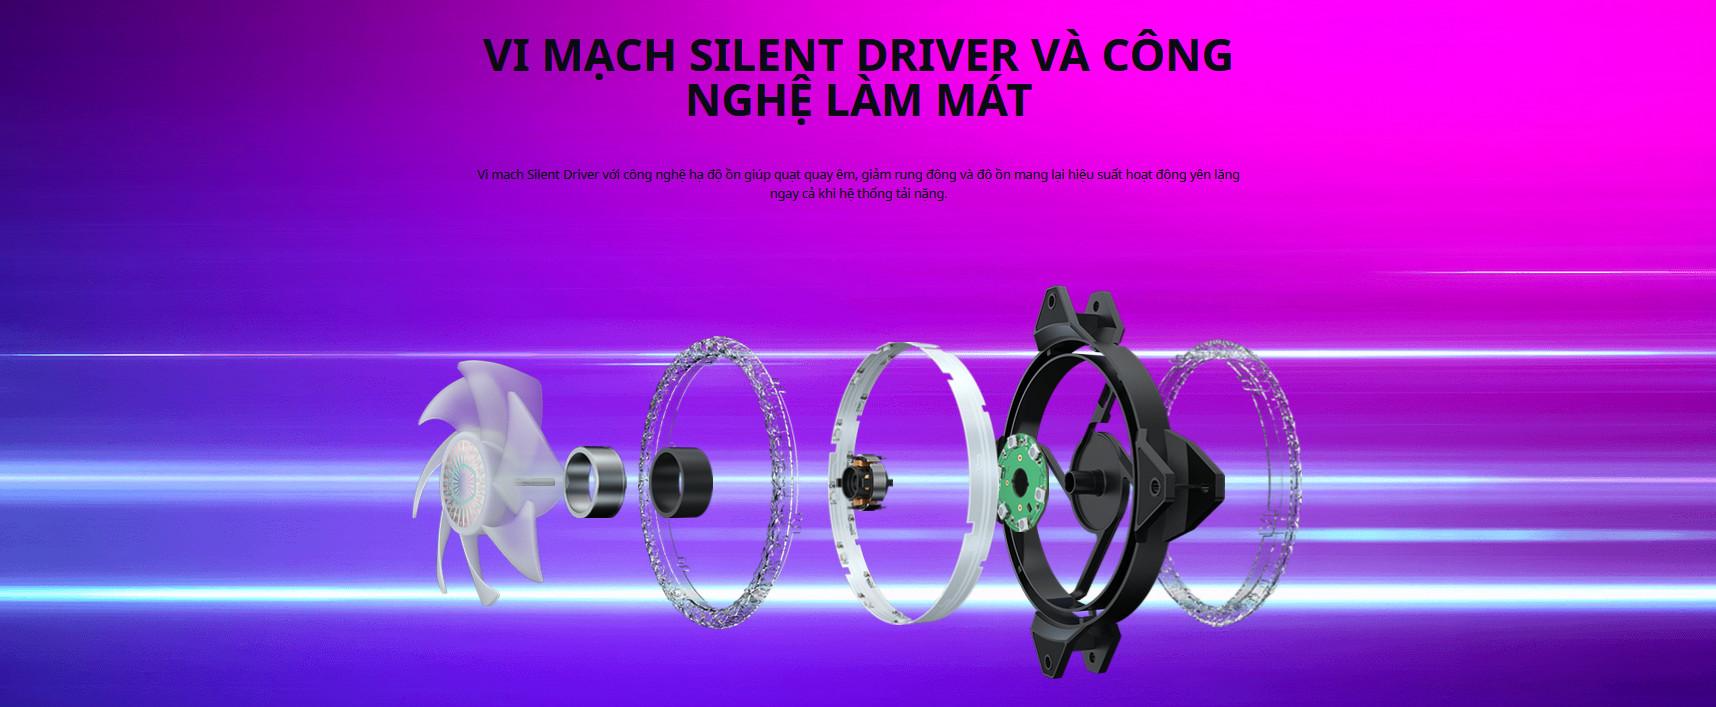 Cooler Master MASTERFAN MF120 PRISMATIC ARGB Trio Loops 3 IN 1 giới thiệu trục